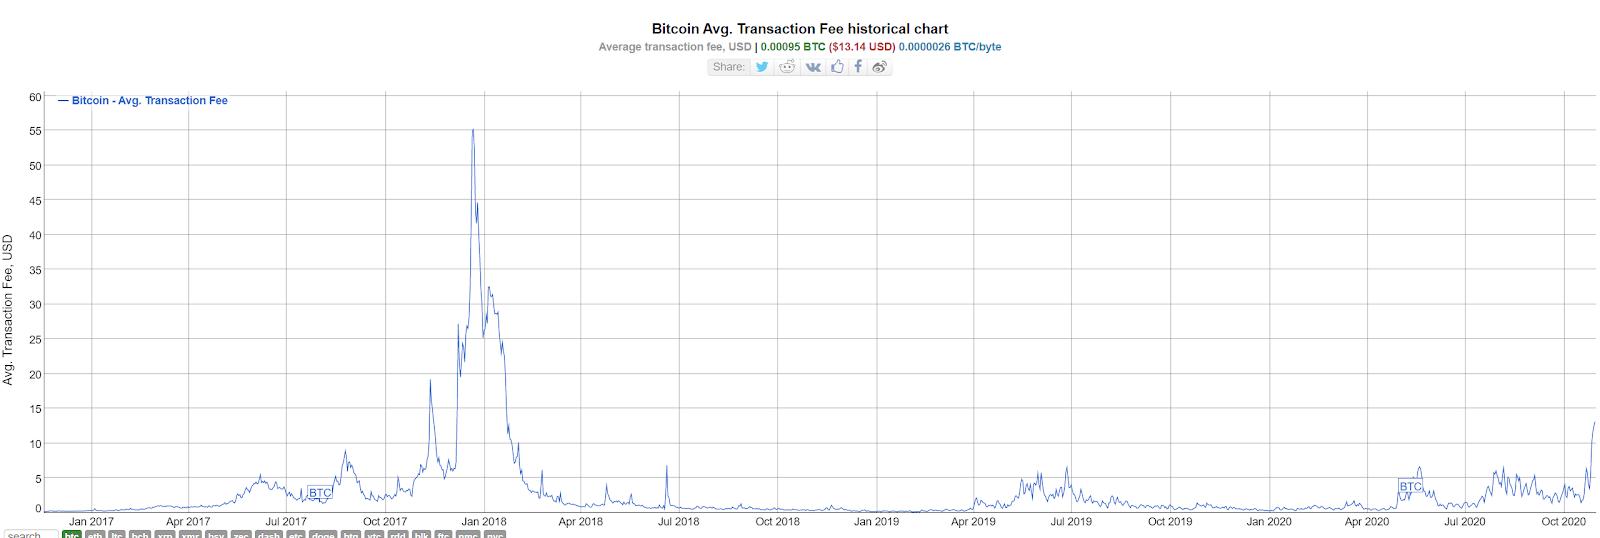 As Bitcoin Reaches Jan 2018 Prices, So Do Transaction Fees